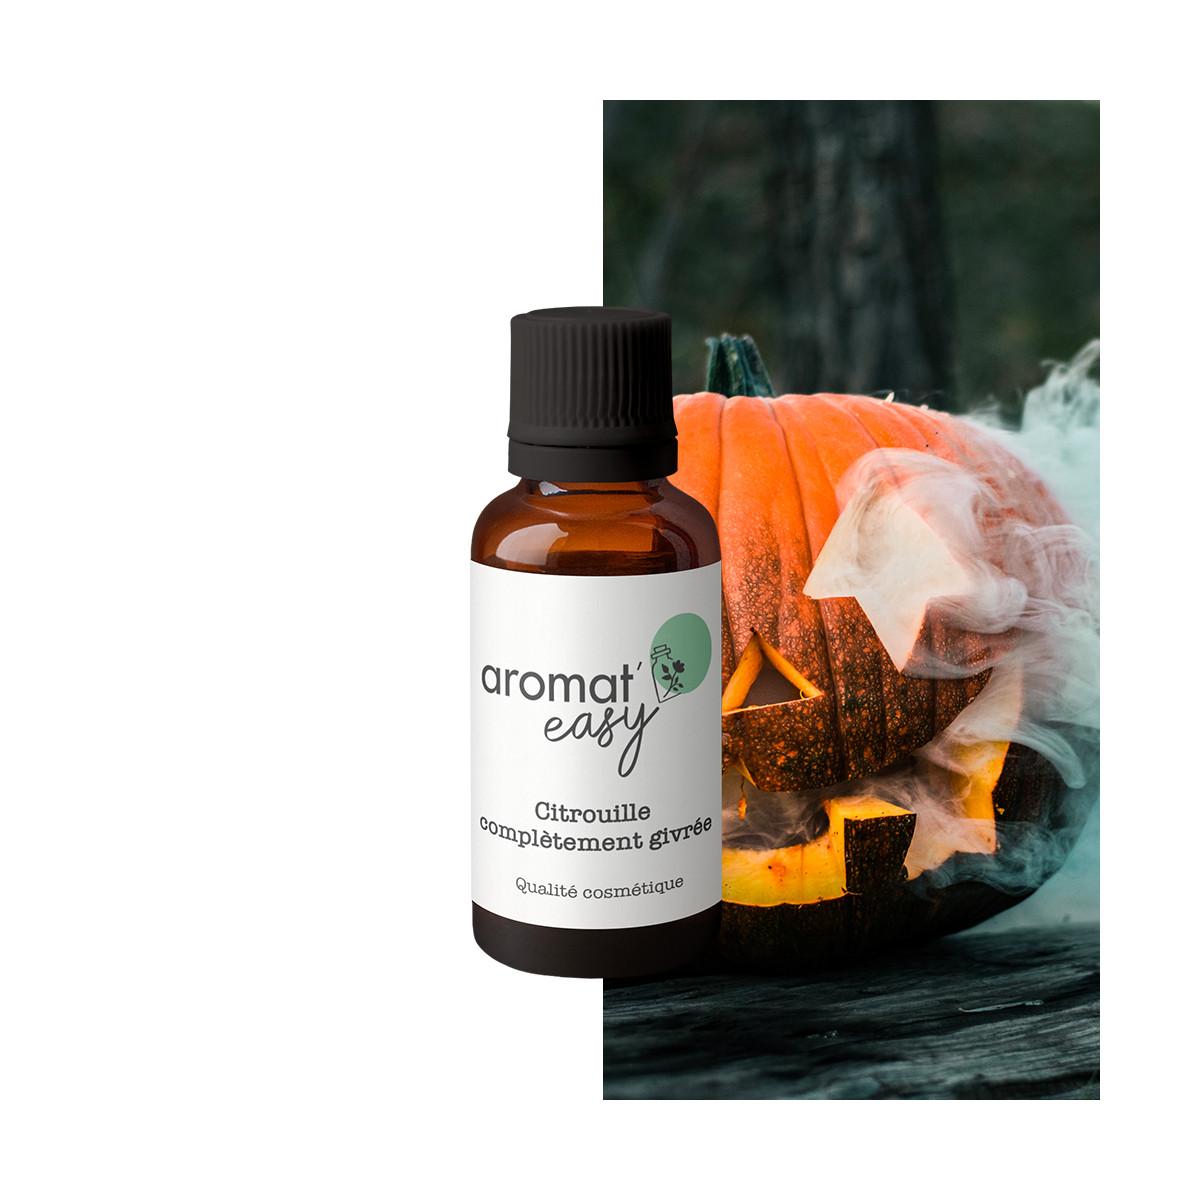 Fragrance Citrouille complètement givrée